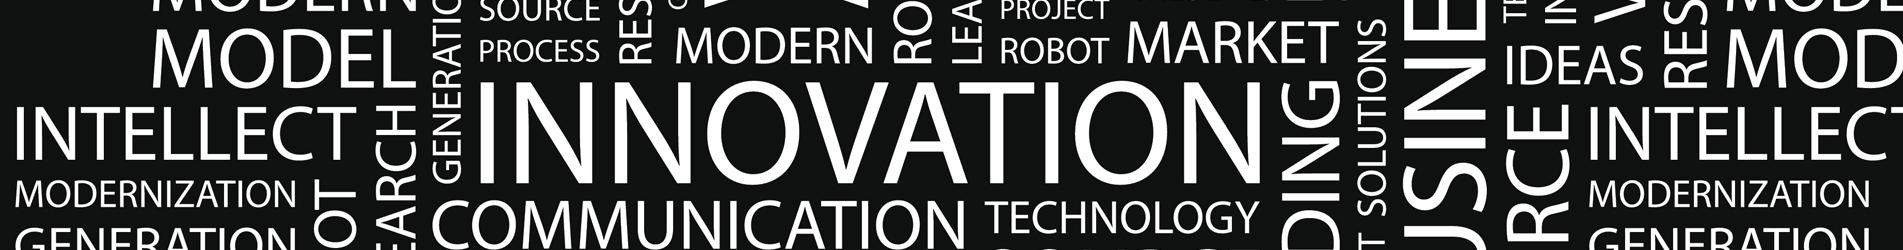 innovation0021